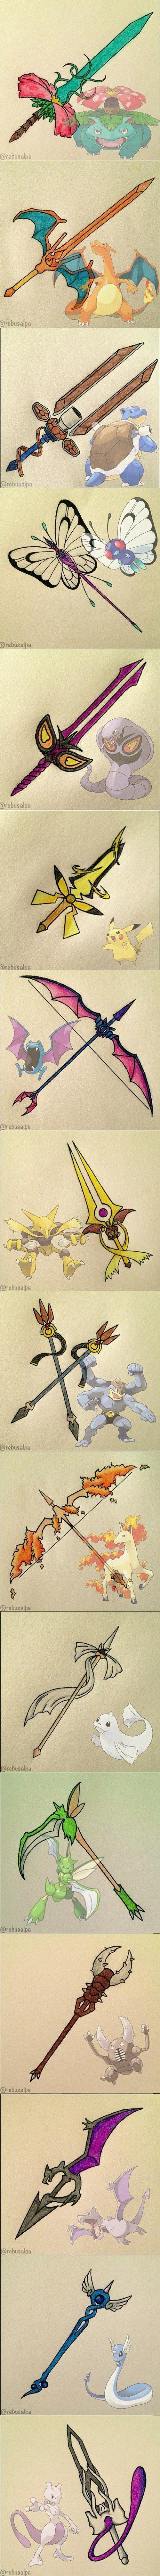 Pokemon Weapons.